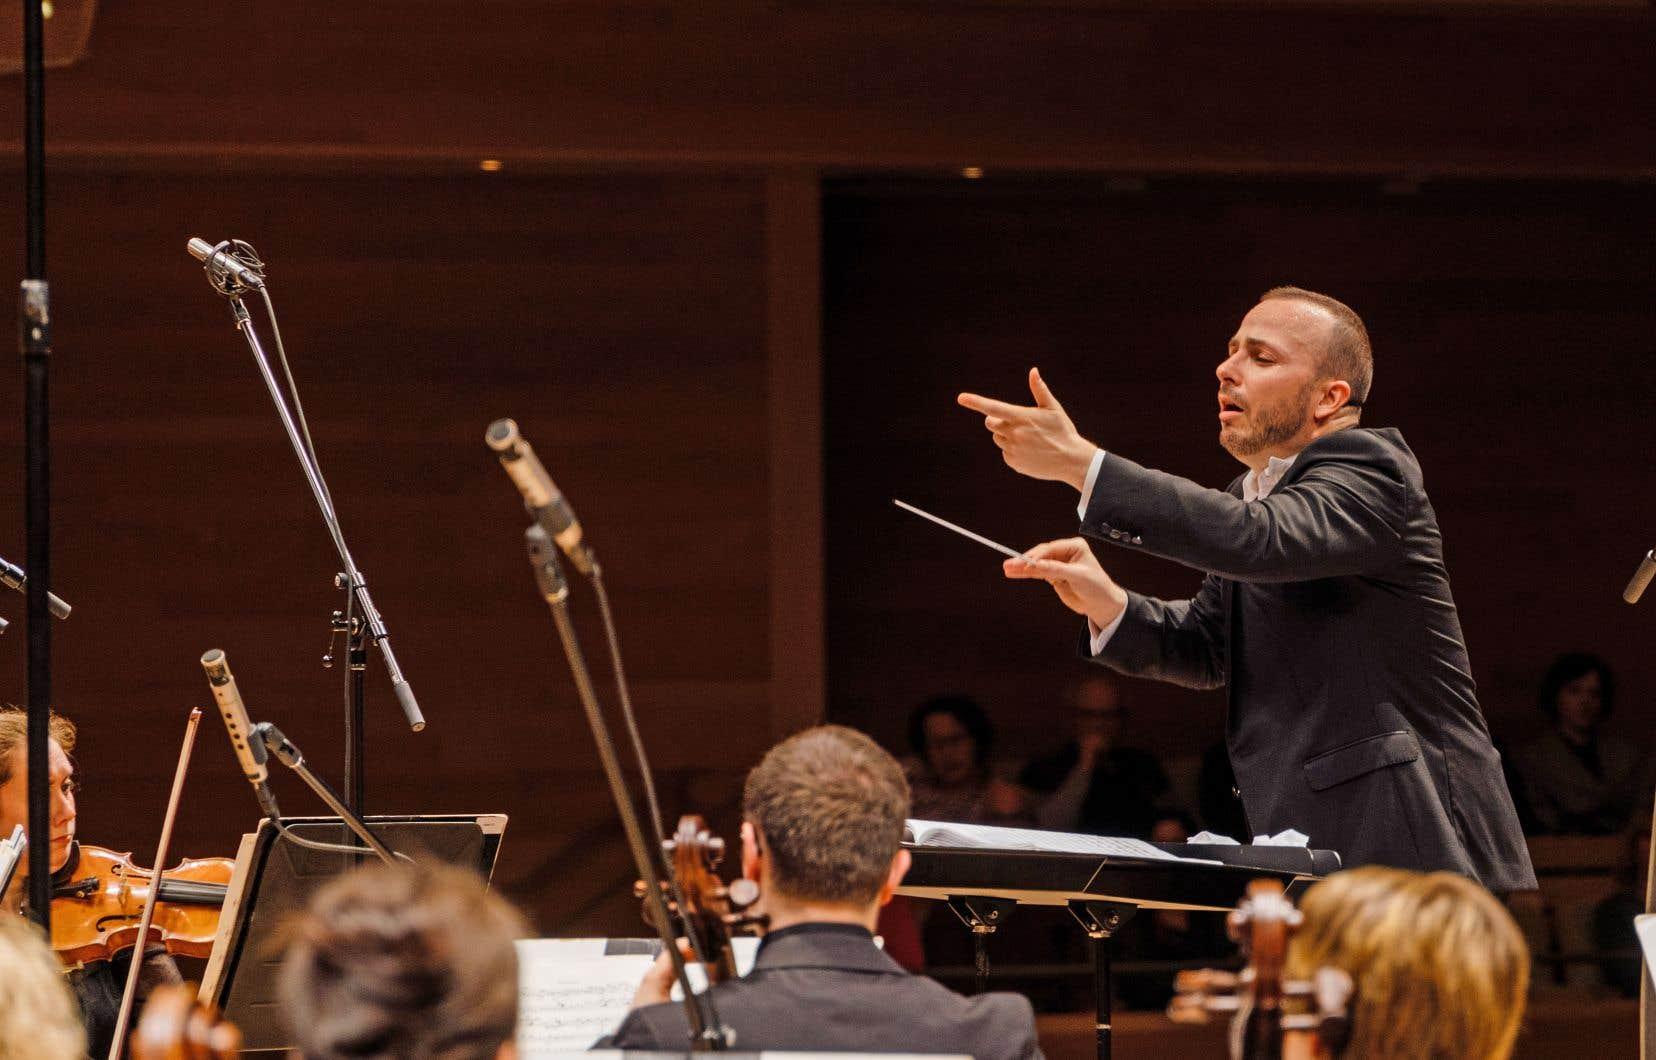 Seul Yannick Nézet-Séguin, probablement, avait dans sa tête l'orgie sonore que pouvait produire cette partition dans cette salle avec de tels solistes.